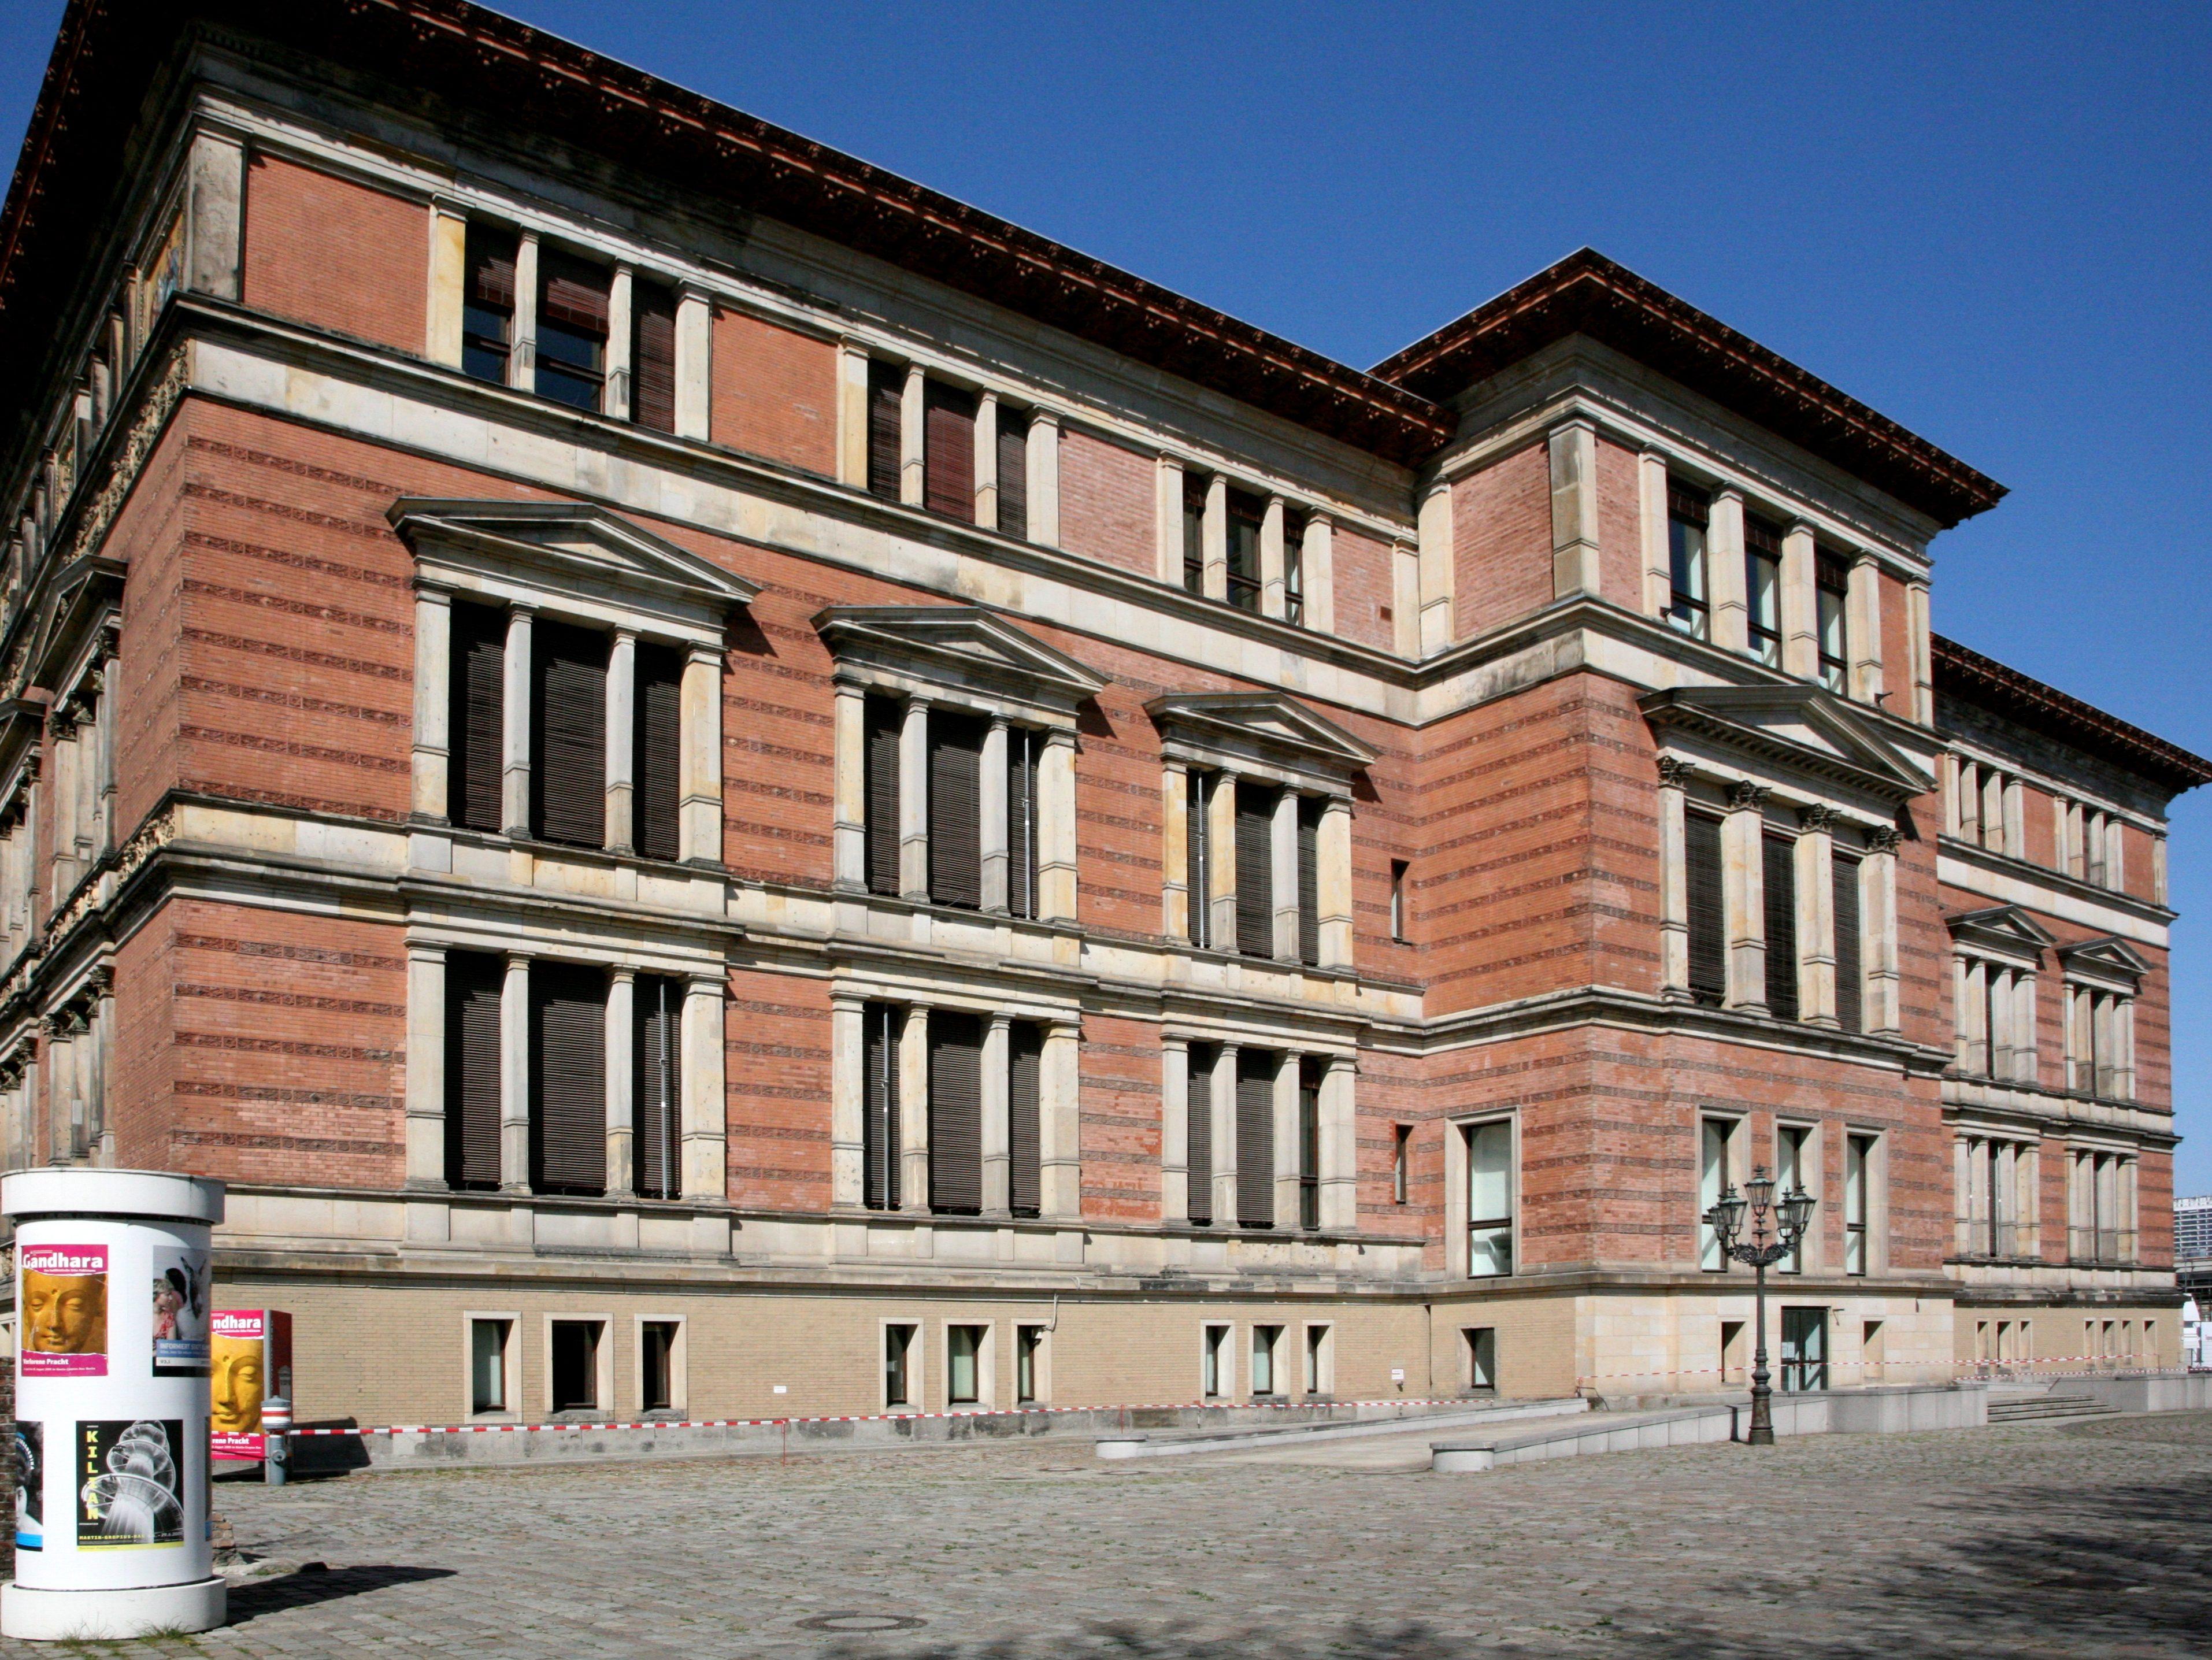 Der Martin-Gropius-Bau in Berlin-Kreuzberg: Ab Juni 2012 werdne iher die Werke der Fotografin Diane Arbus gezeigt.